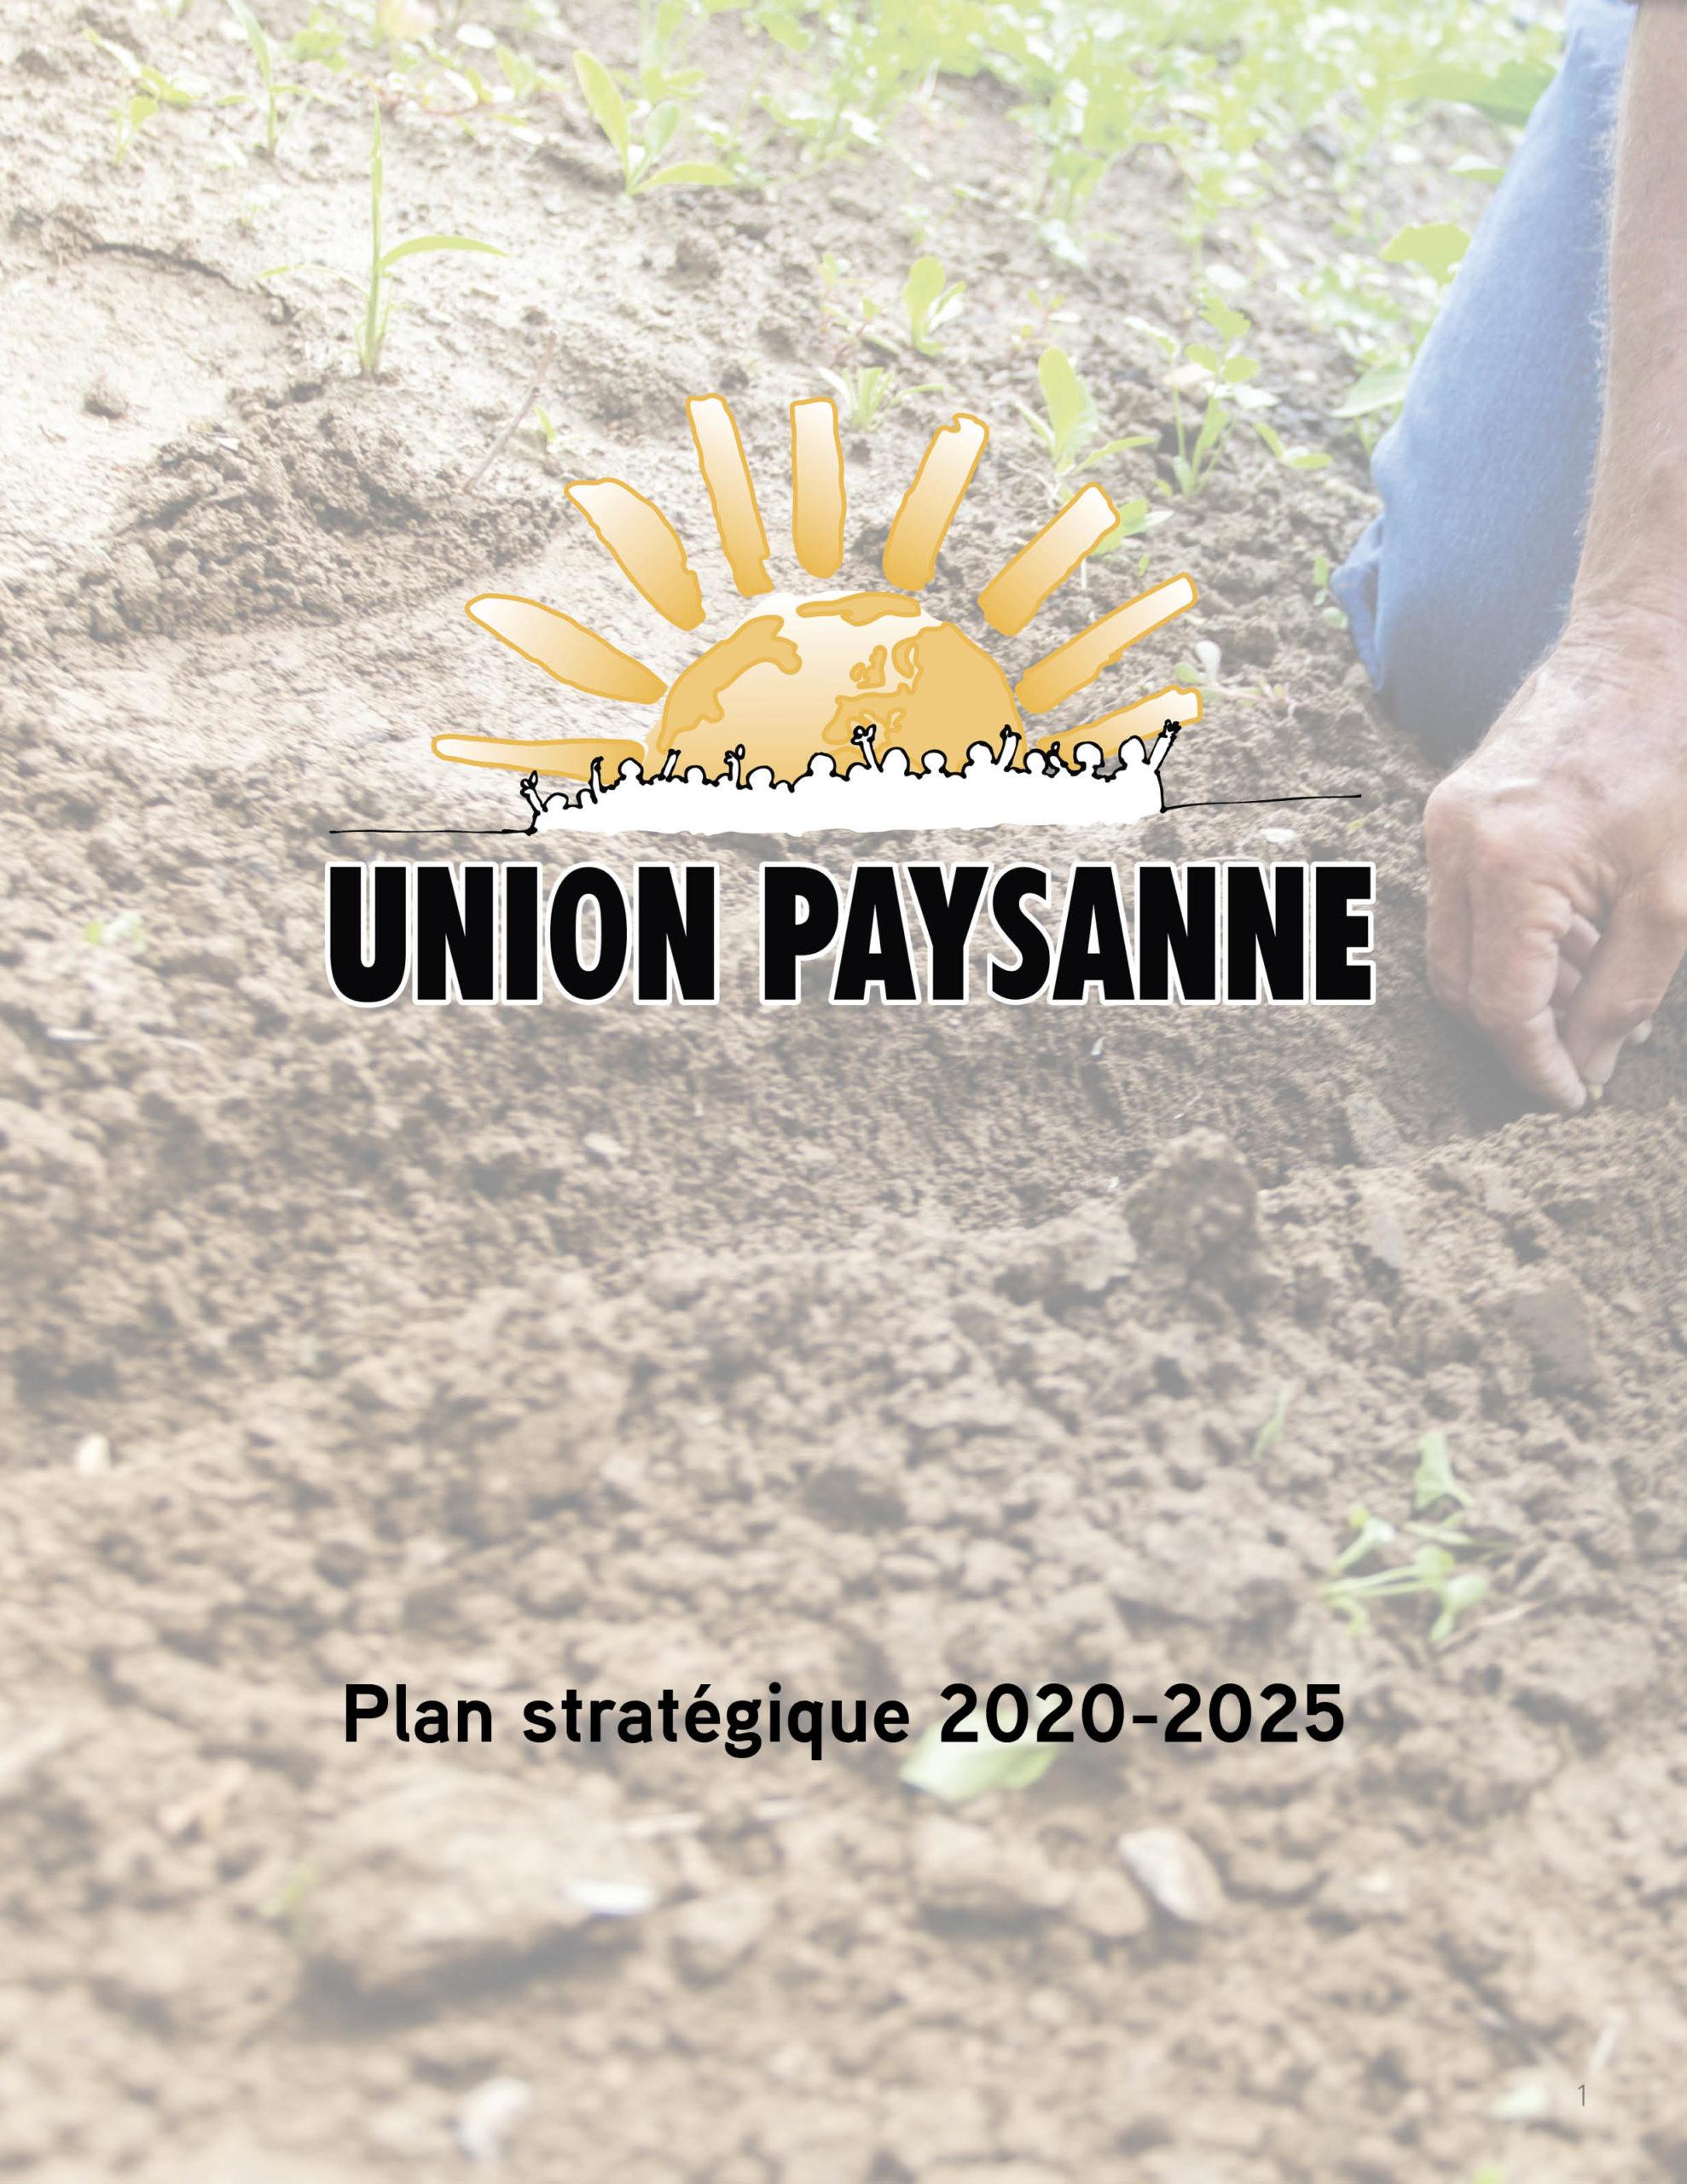 Plan Stratégique 2020-2025 de l'Union Paysanne